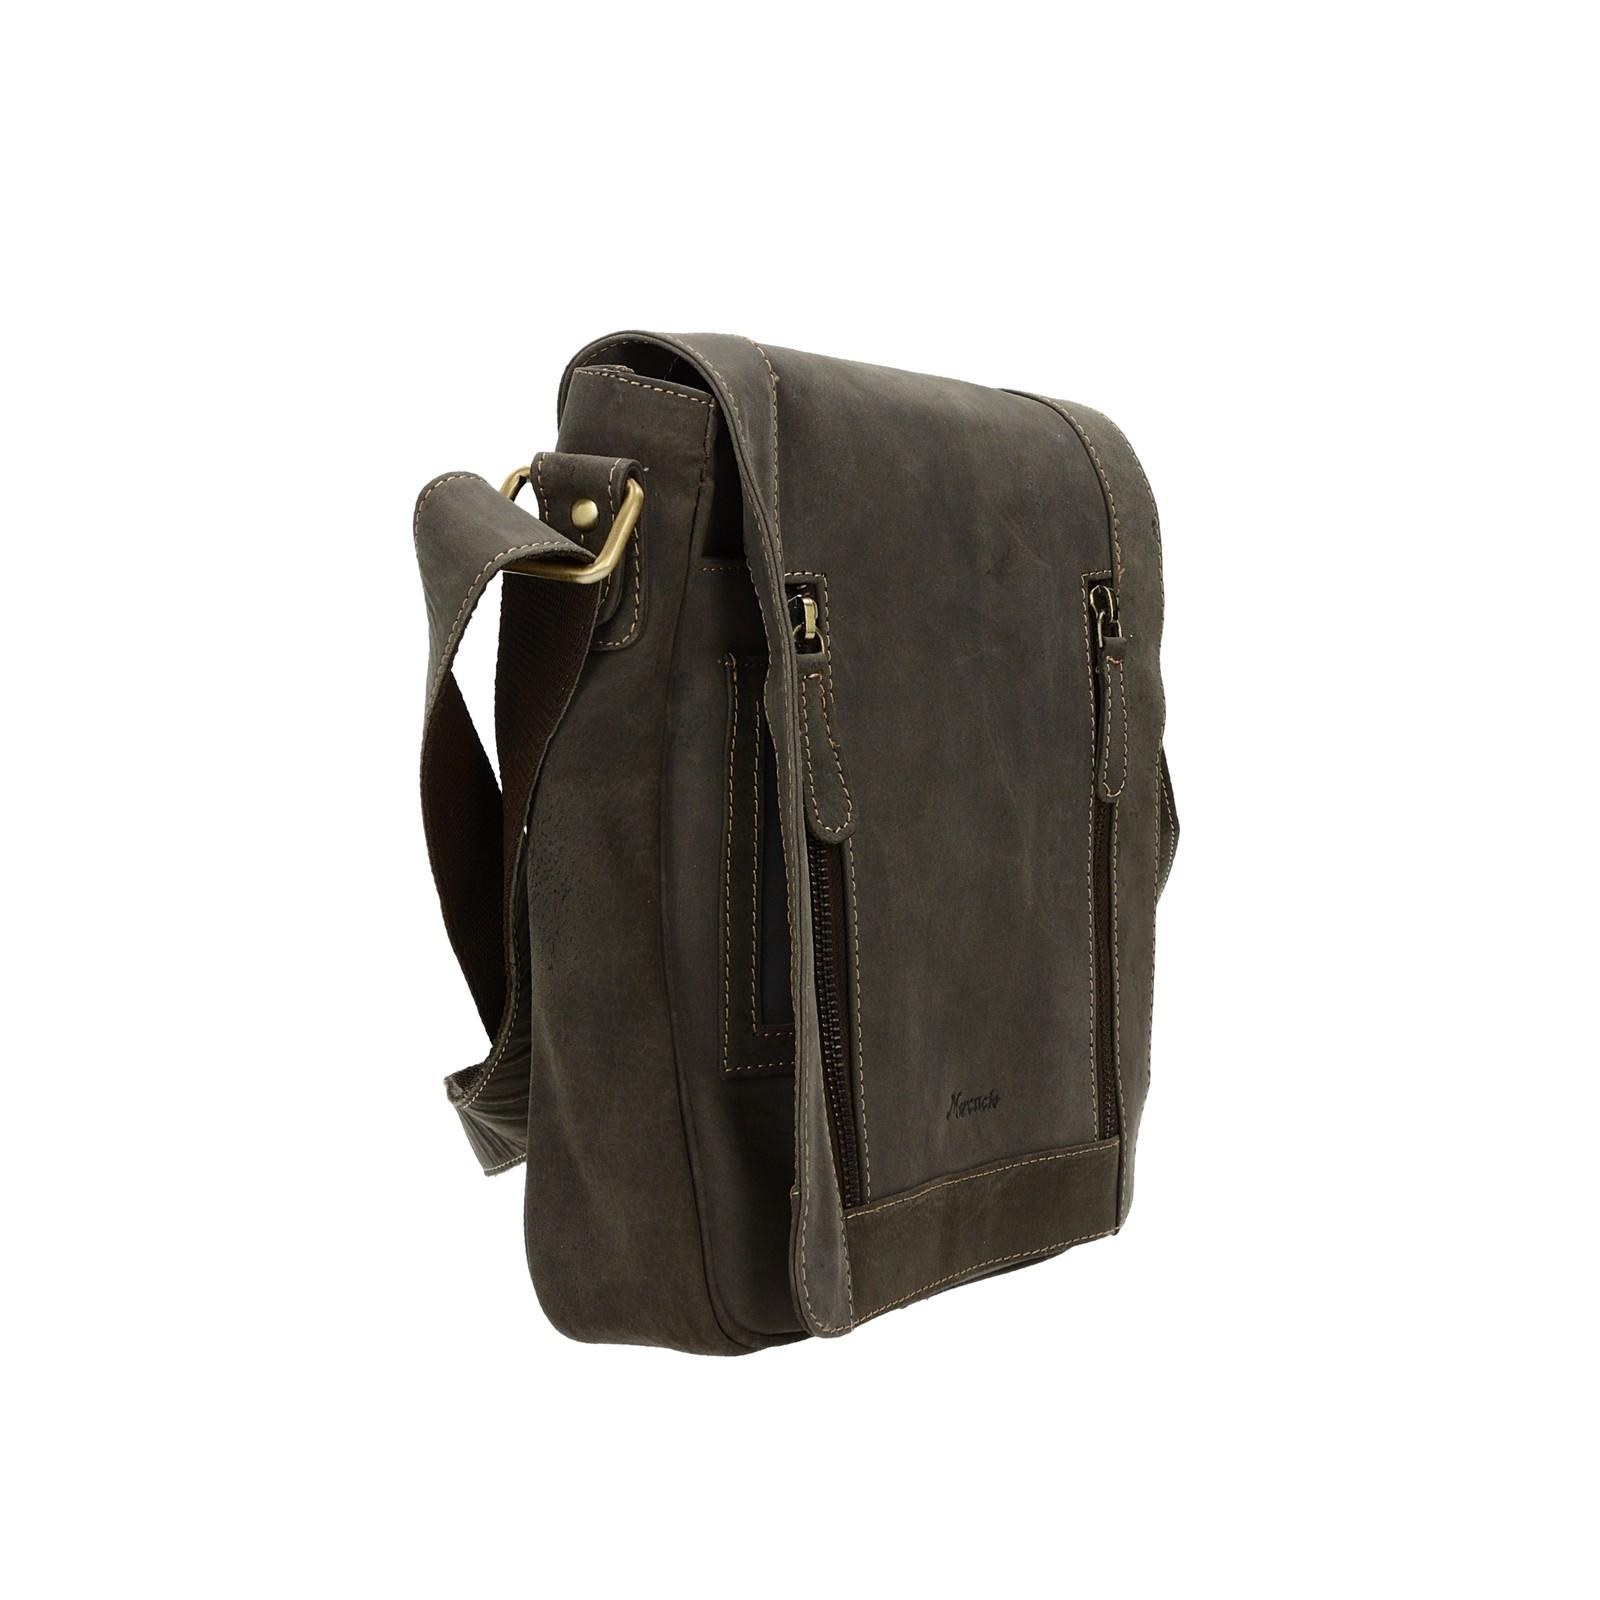 Mercucio pánská kožená praktická taška - hnědá